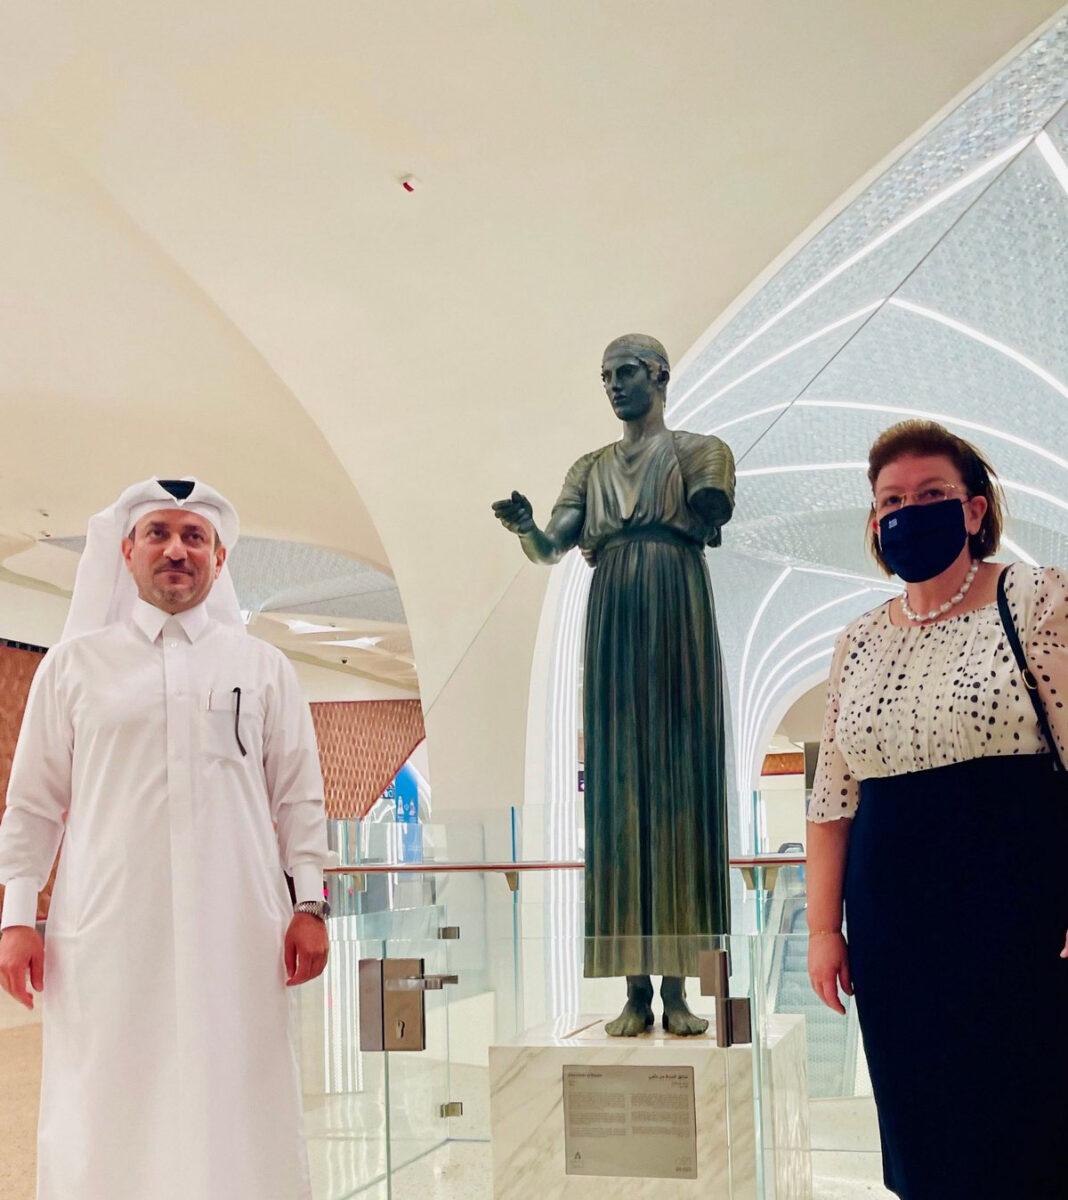 H Υπουργός Πολιτισμού και Αθλητισμού Λίνα Μενδώνη και ο Γενικός Διευθυντής της Αρχής των Μουσείων του Κατάρ, Ahmad Al-Namla, κατά τηνεπίσημη τελετή εγκαινίων της έκθεσης του αντιγράφου του Ηνιόχου (φωτ.: ΥΠΠΟΑ).